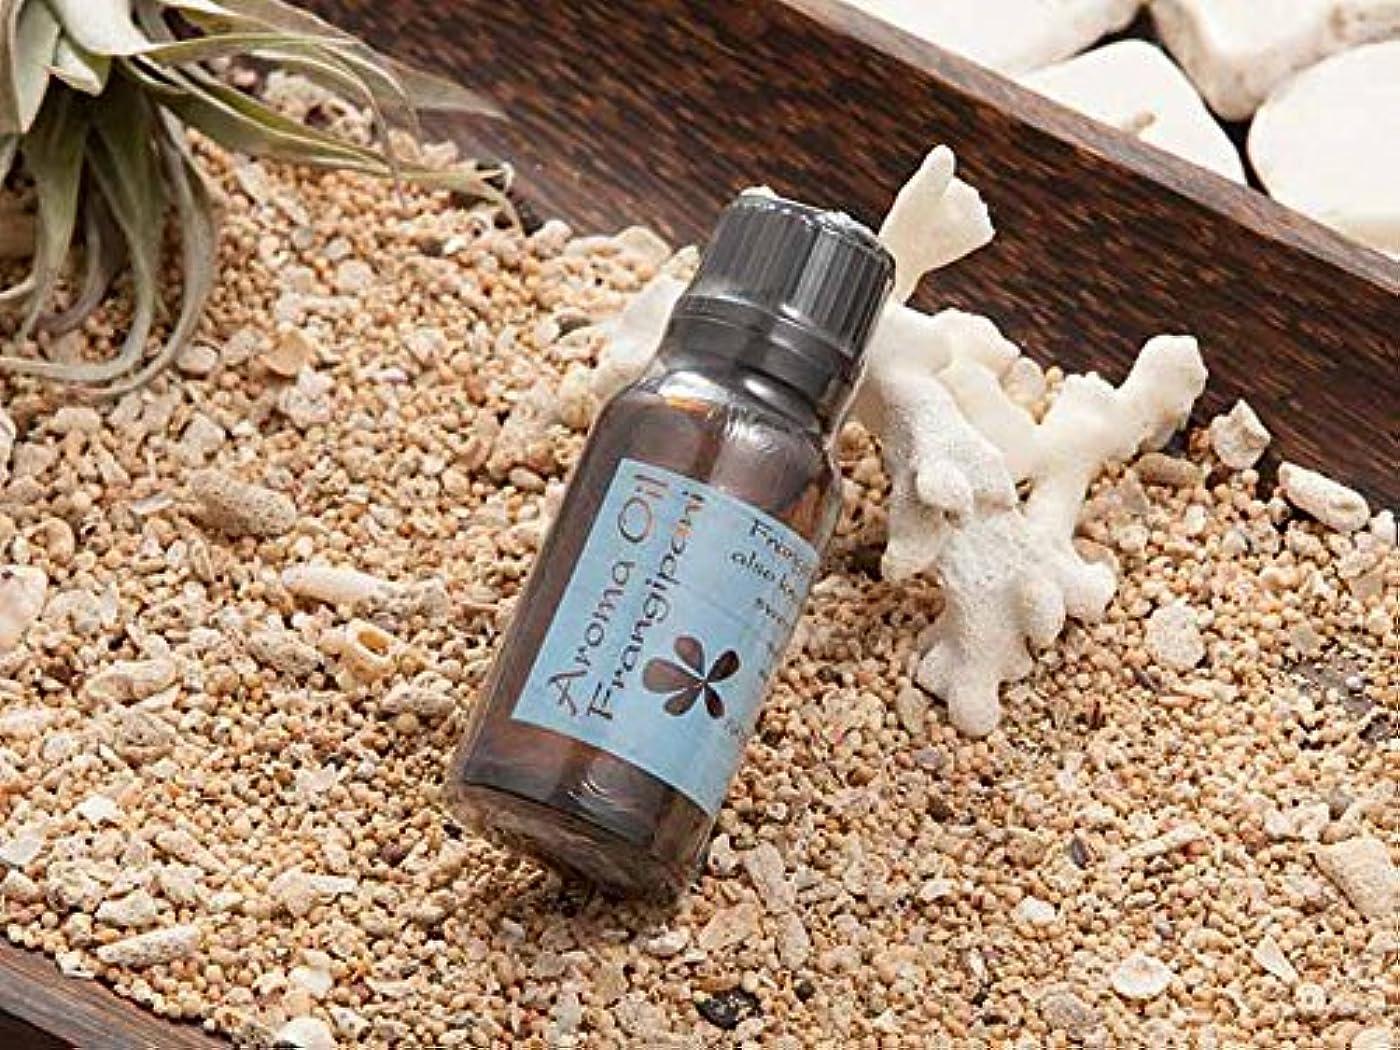 喜び無謀ビーズ寛ぎのひと時にアジアンな癒しの香りを アロマフレグランスオイル 5種の香り (アラムセンポールALAM ZEMPOL) (Frangipani フランジパニ)